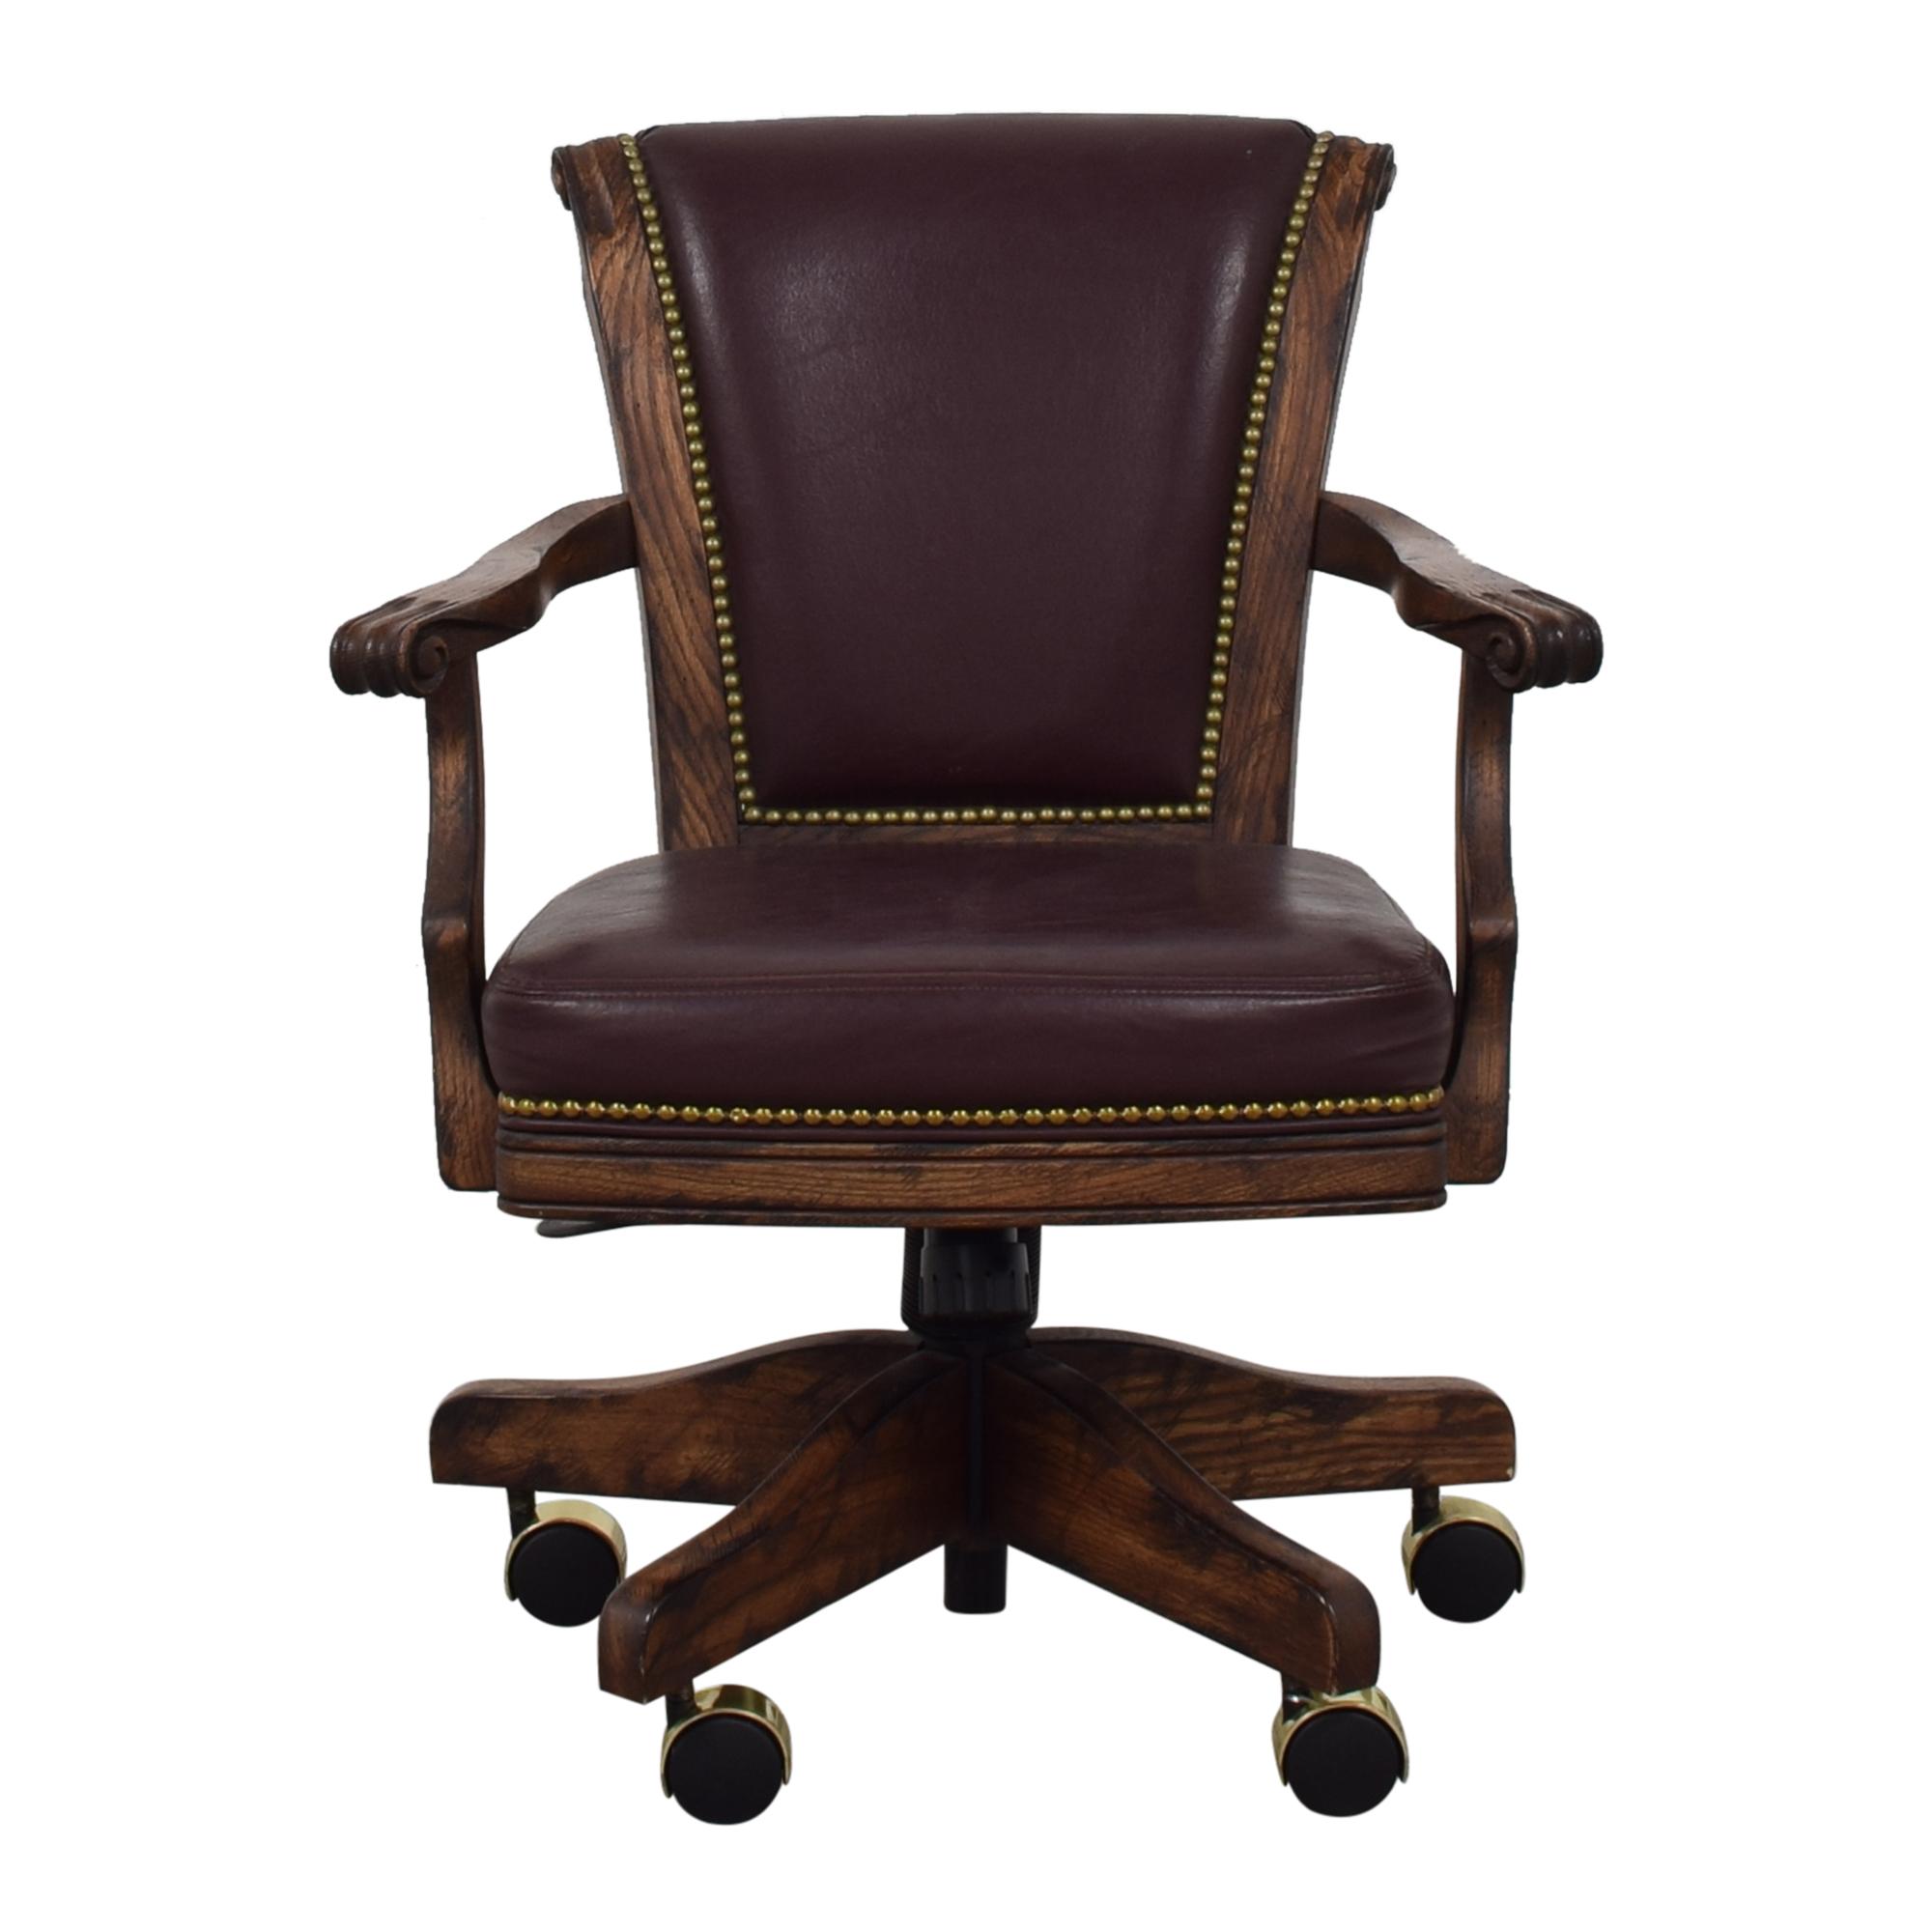 Darafeev Darafeev Classic Game Chair price